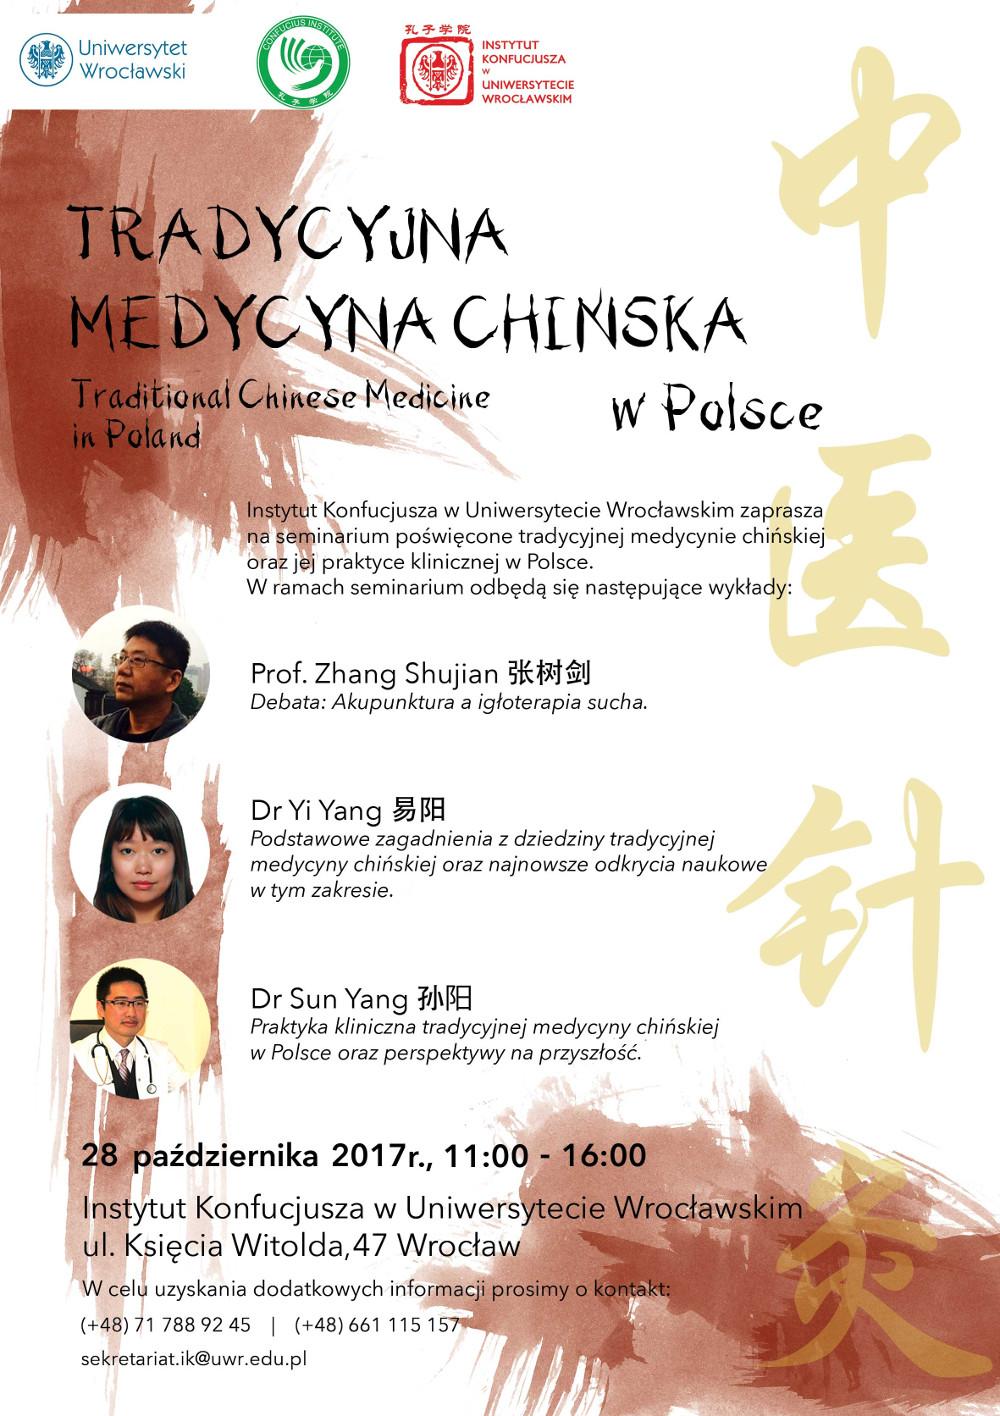 Sympozjum odbędzie się 28 października 2017 r. w godzinach od 11:00 do 16:00.